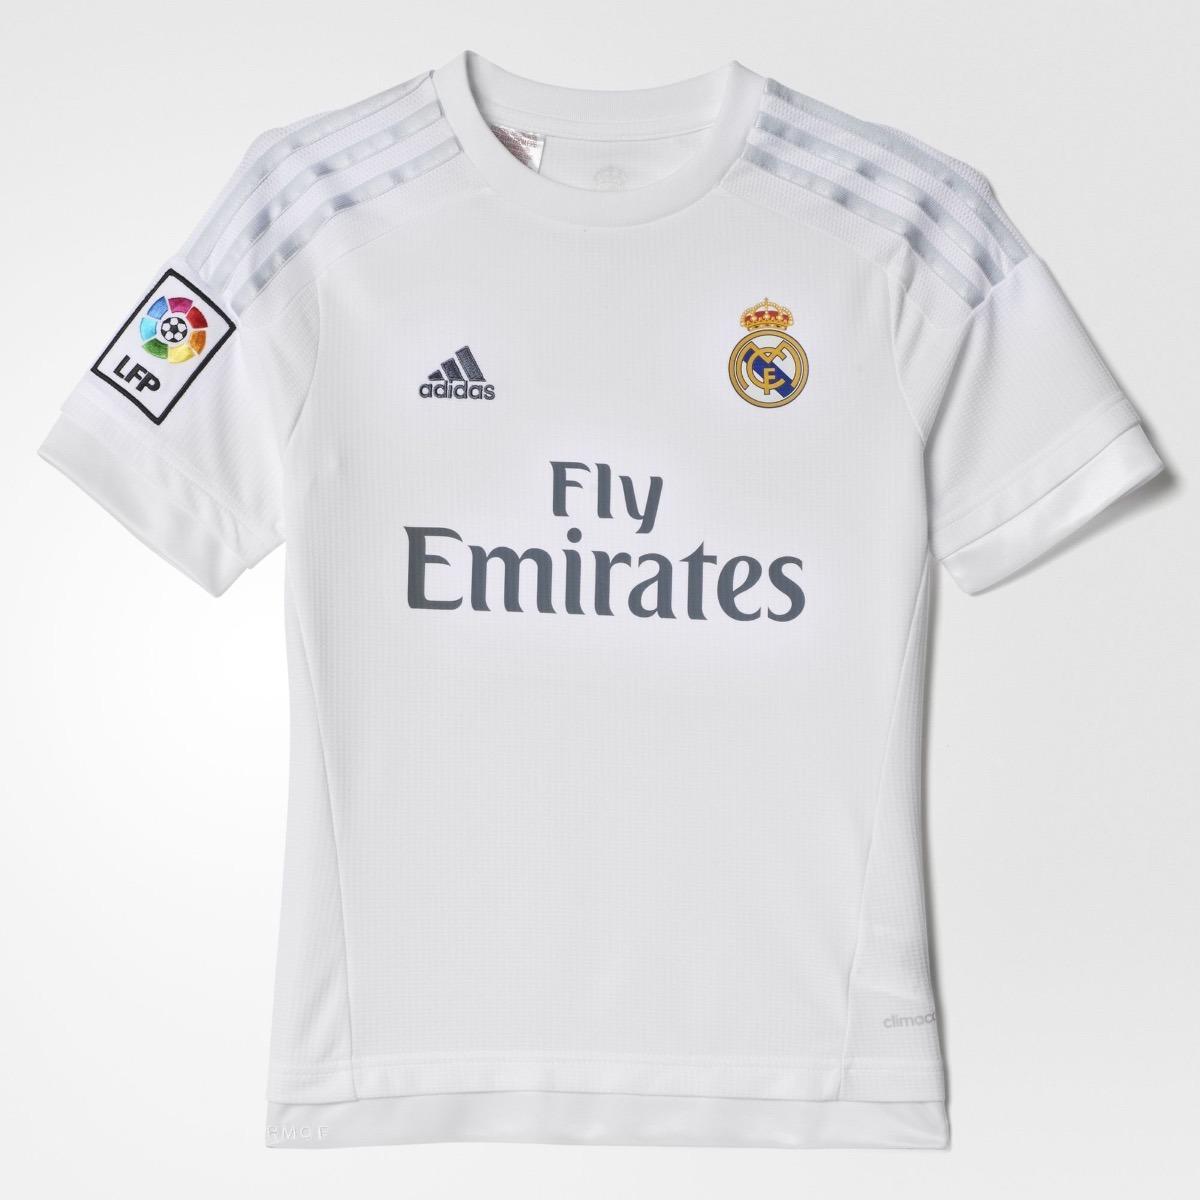 3ae0ba2d52d36 Jersey adidas Del Real Madrid Para Niño De Local -   489.00 en ...